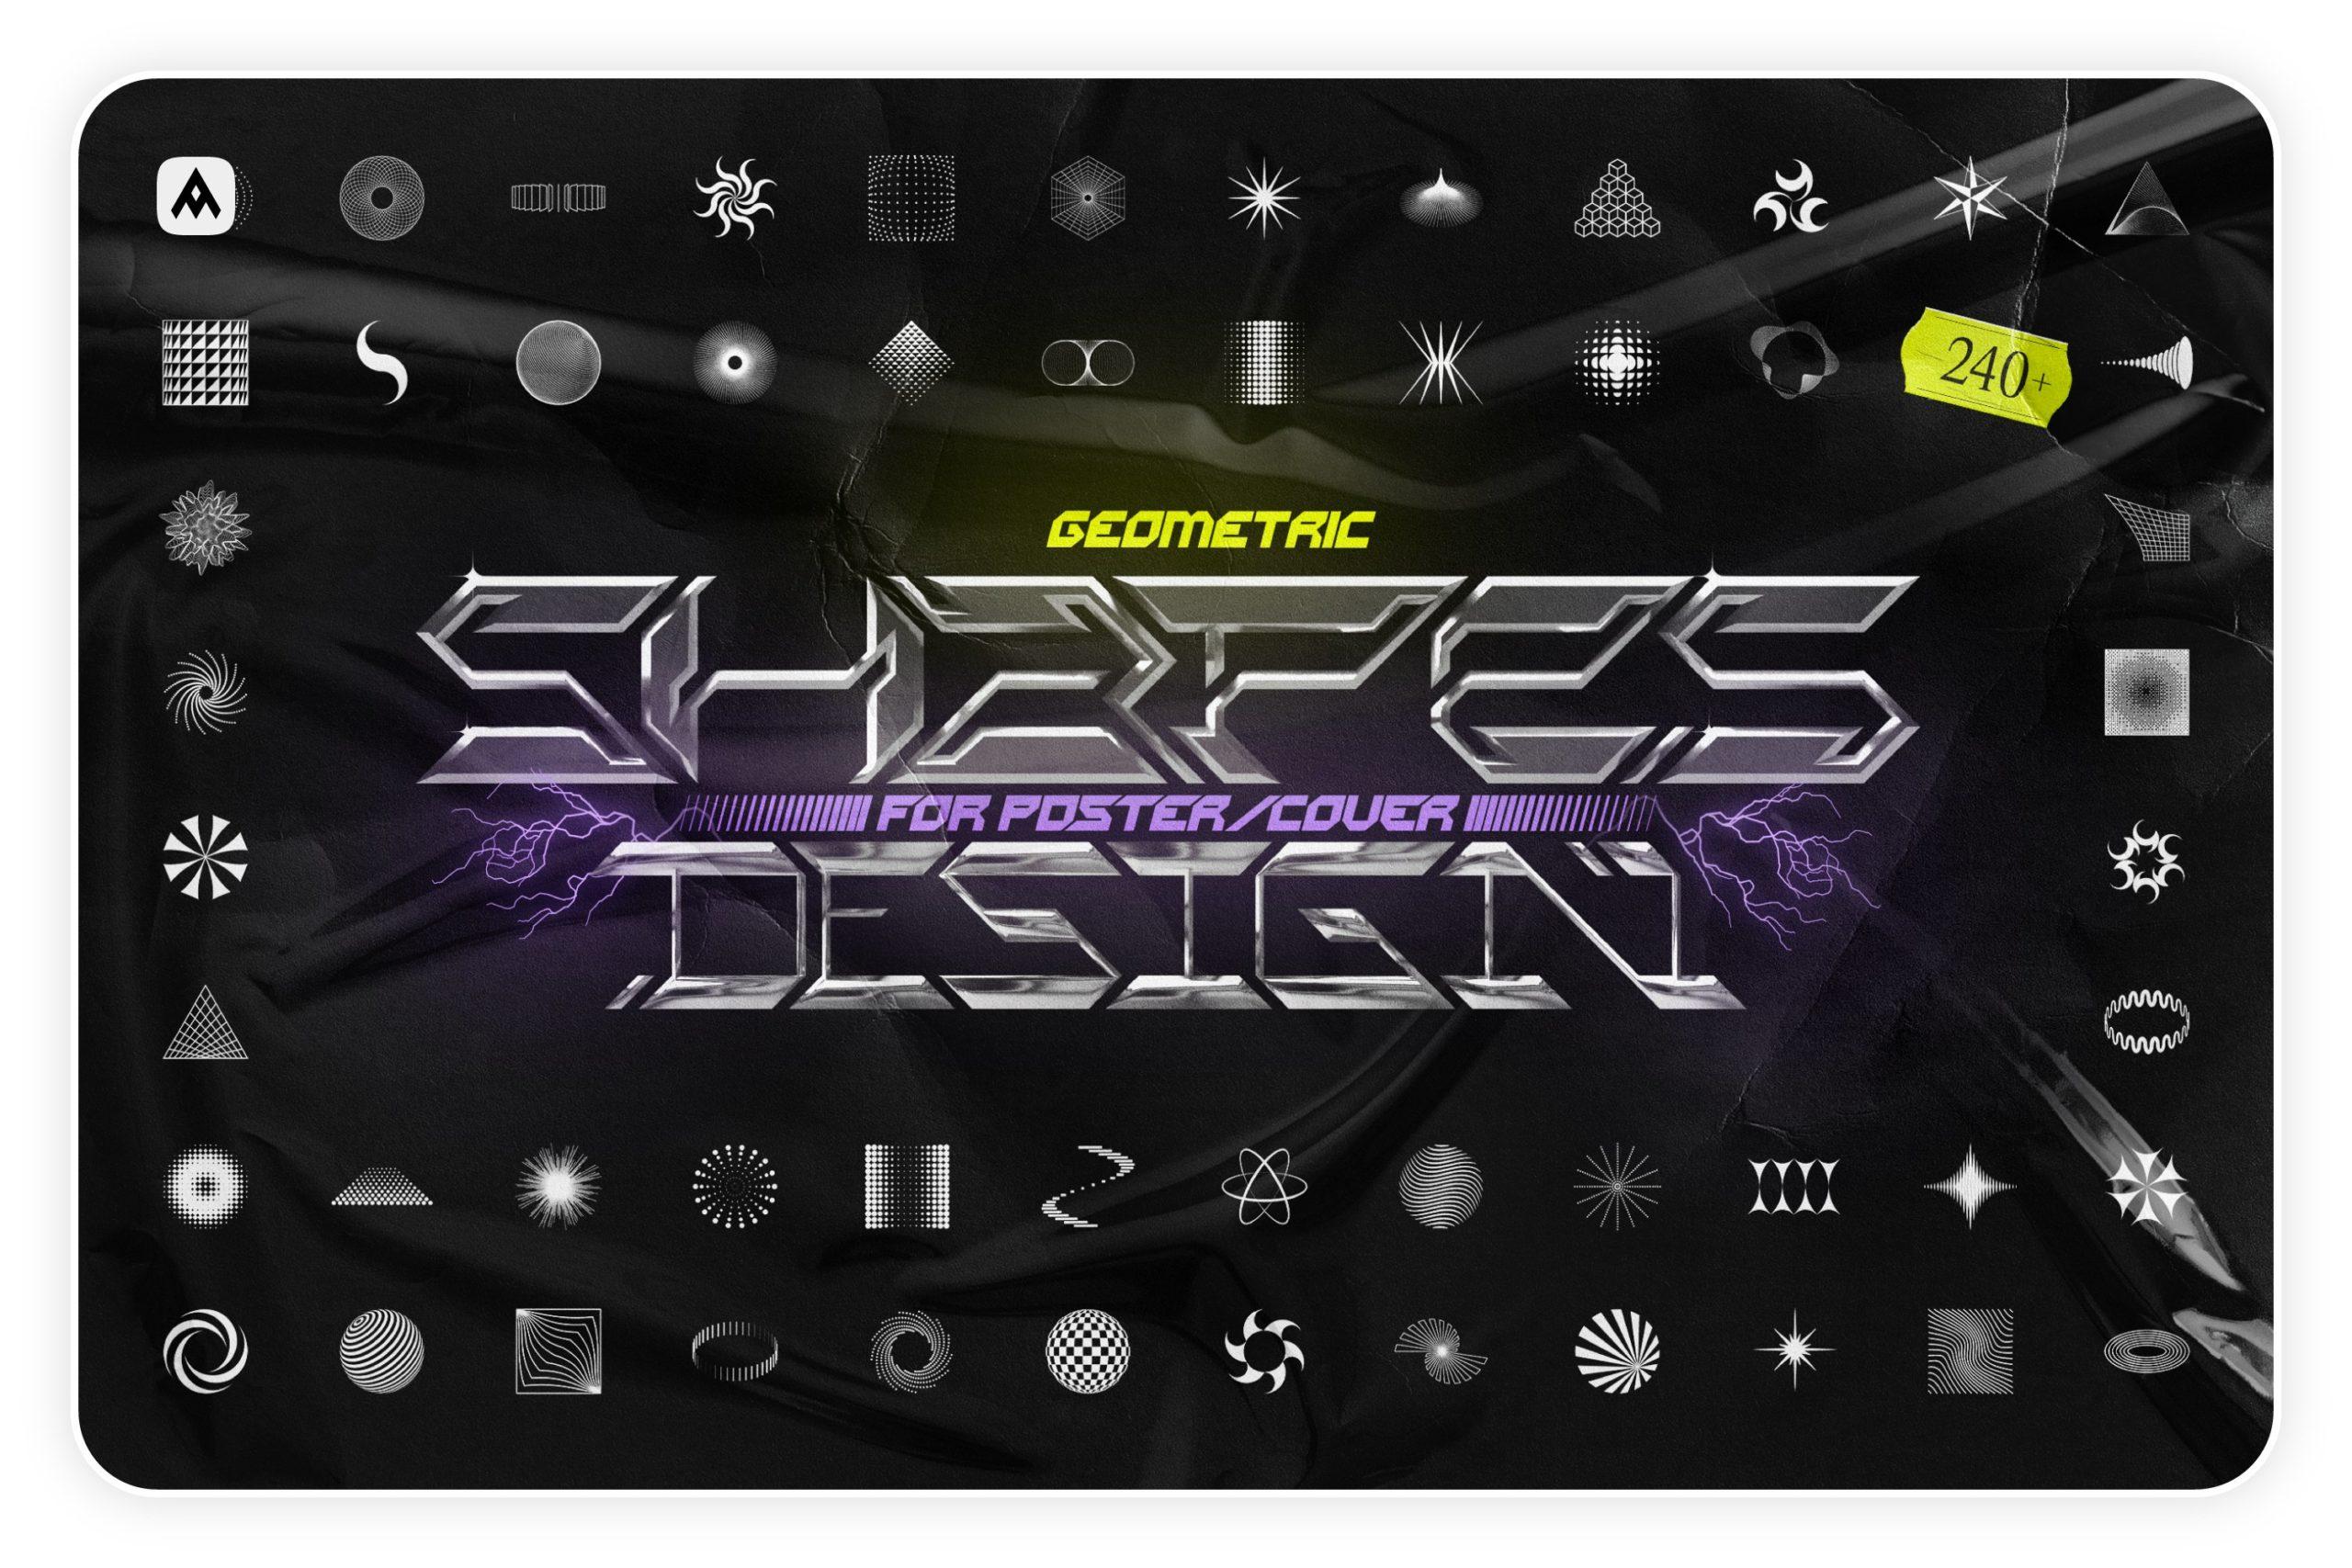 [淘宝购买] 时尚潮流抽象扭曲多边形几何海报设计矢量设计素材 Geometric Shapes For Poster Design插图